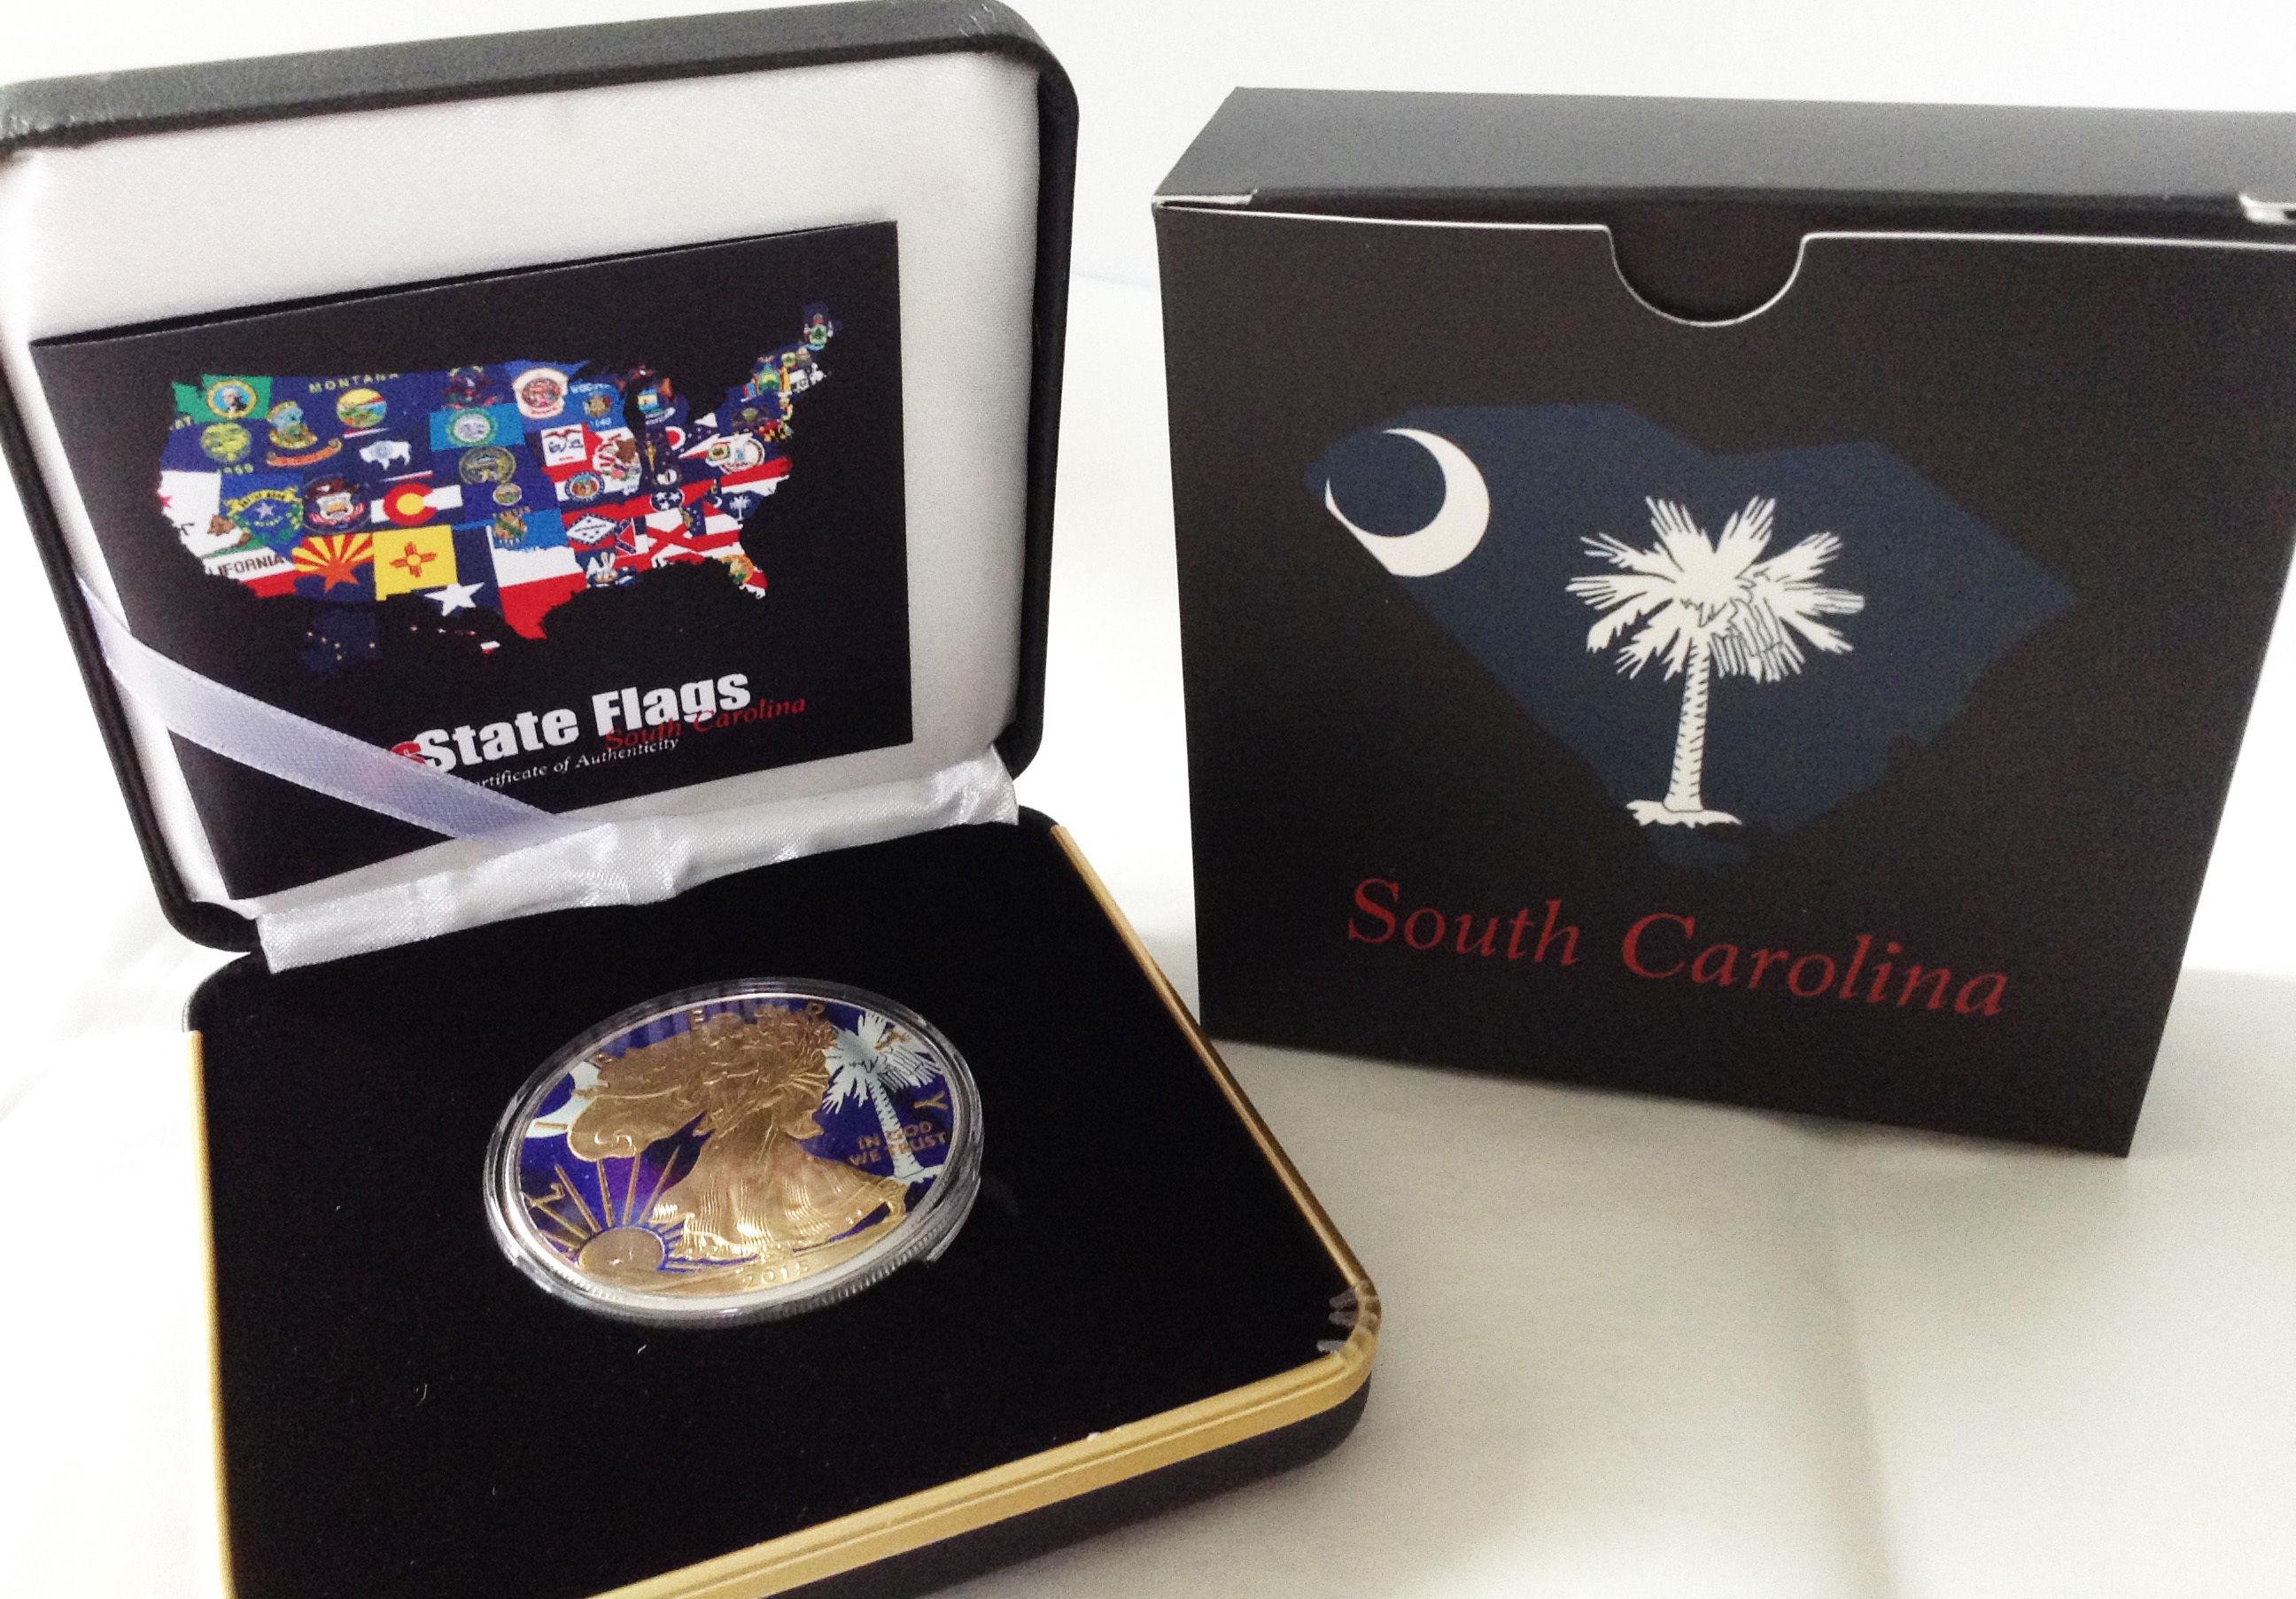 世界限定200個!シルバーイーグル銀貨 州旗バージョン サウスカロライナ州 South Carolina ボックス付き